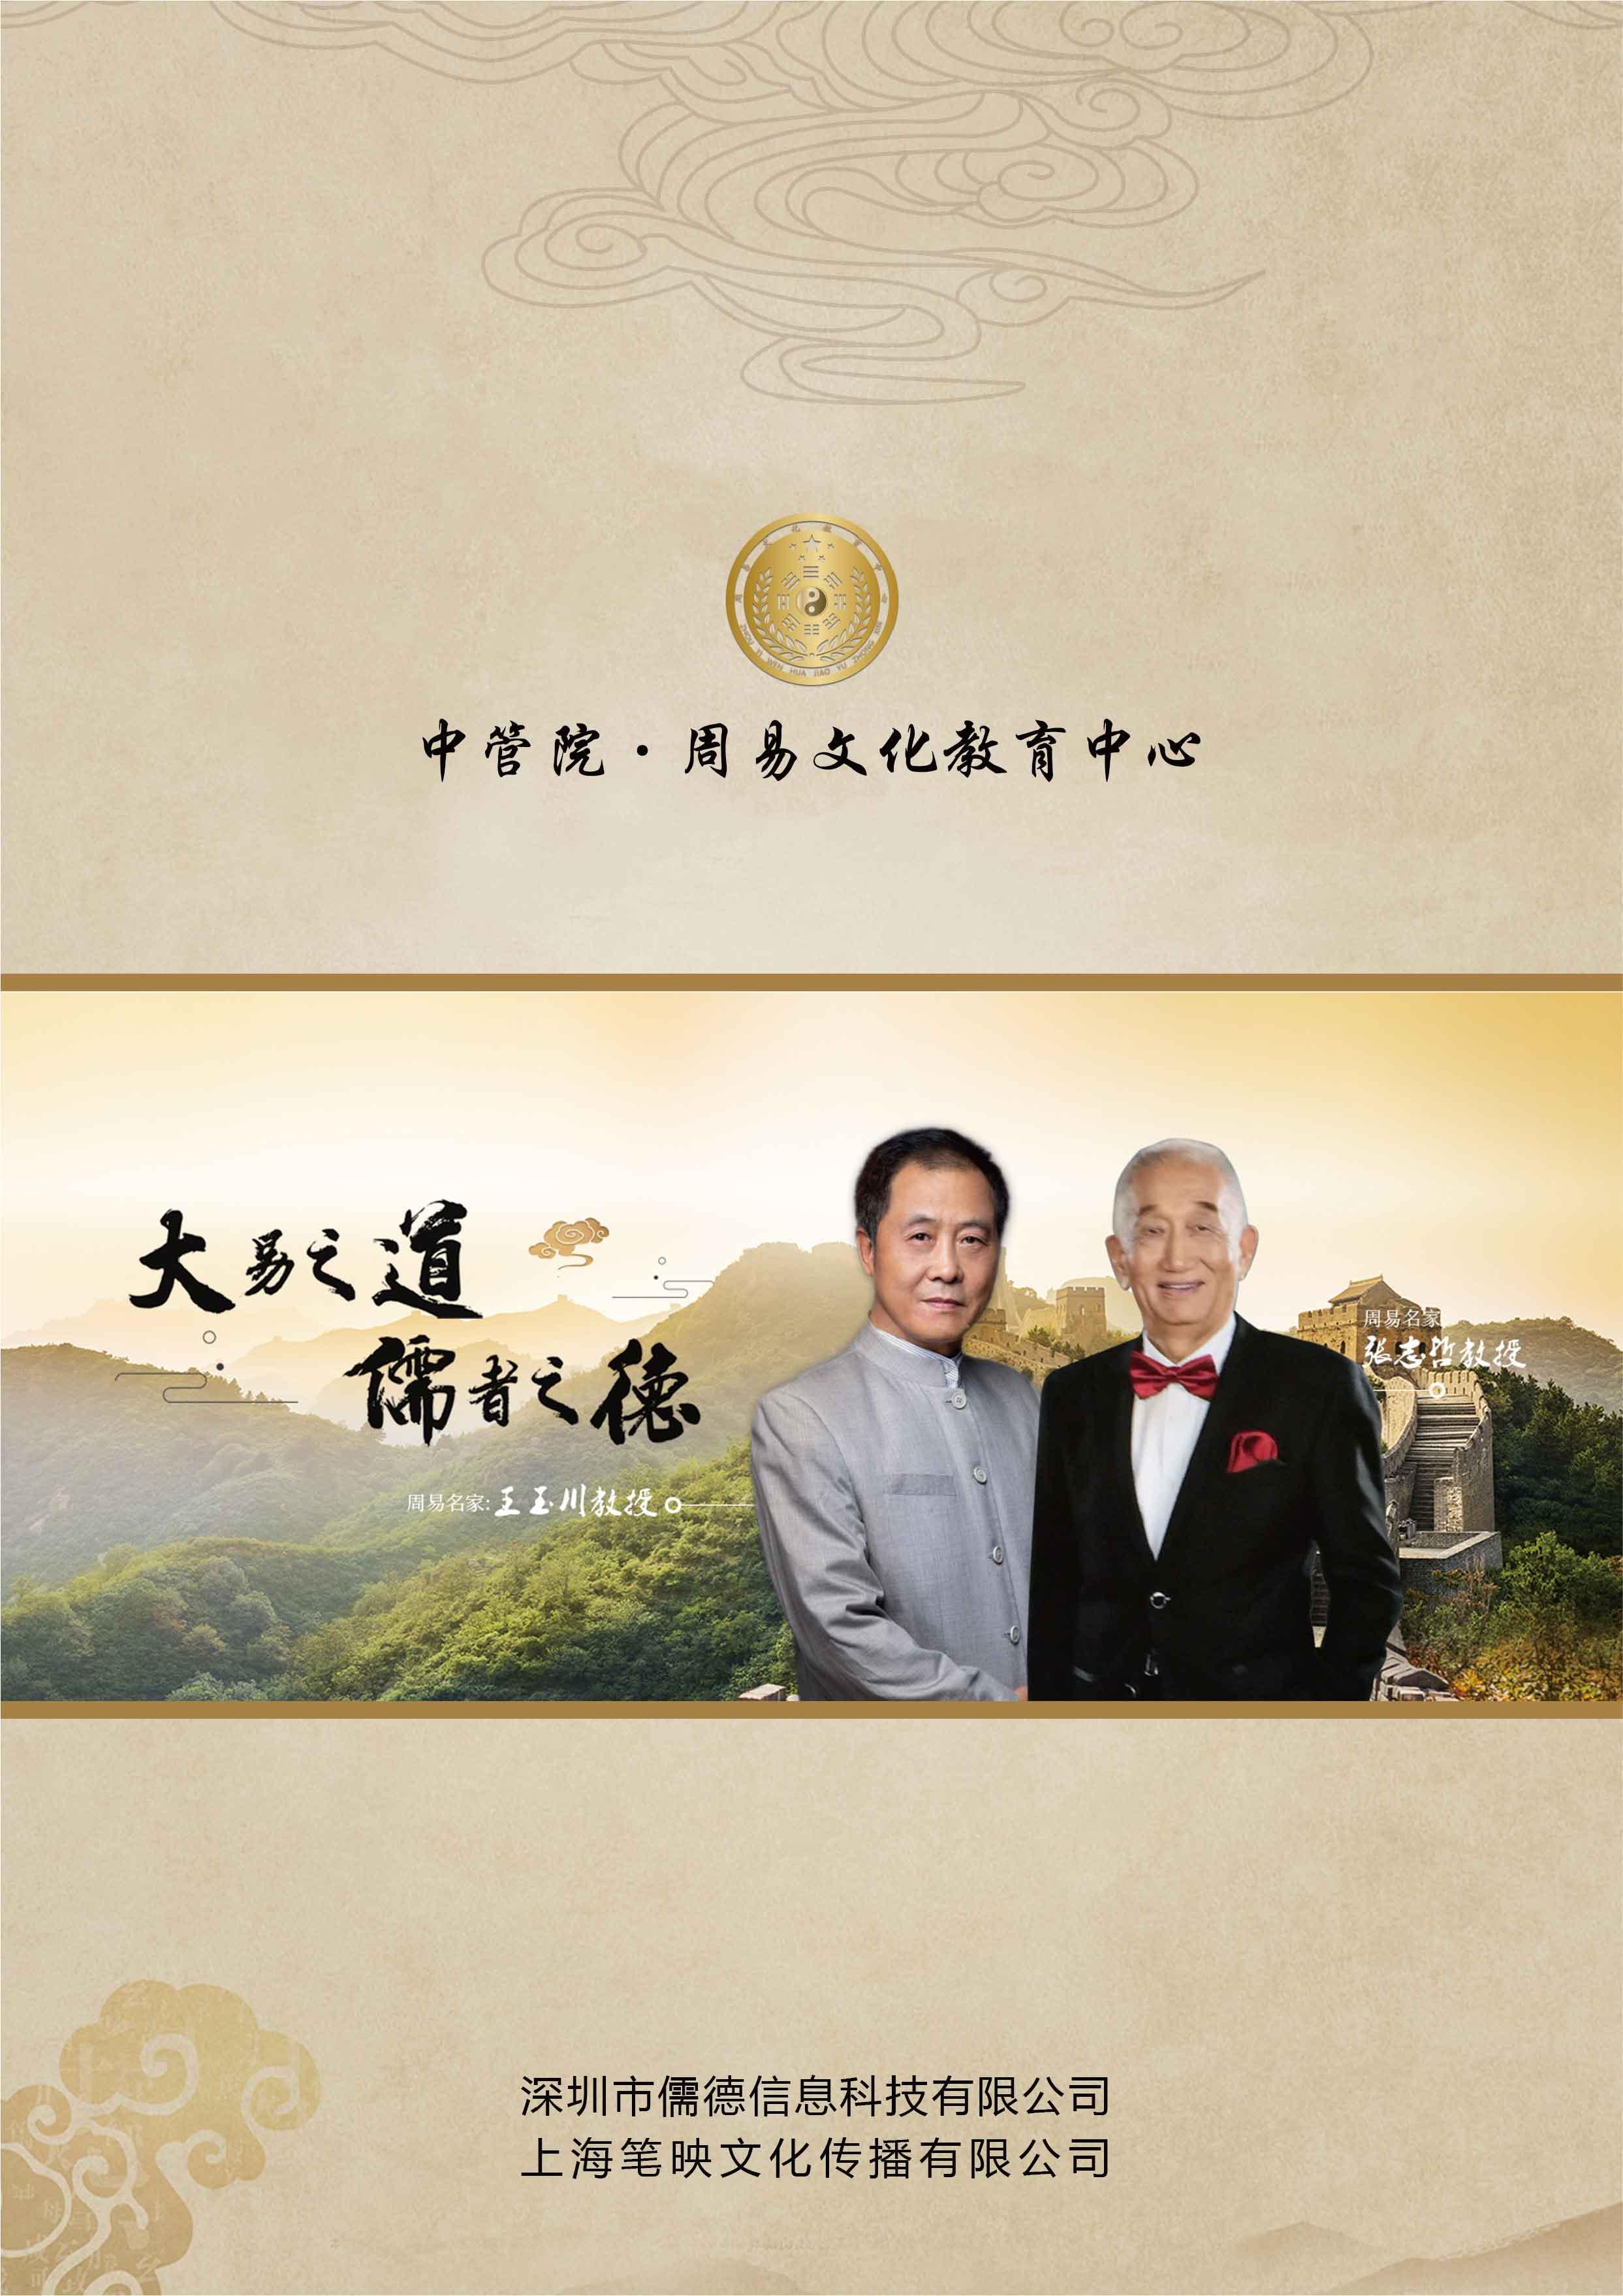 中管院·周易文化教育中心